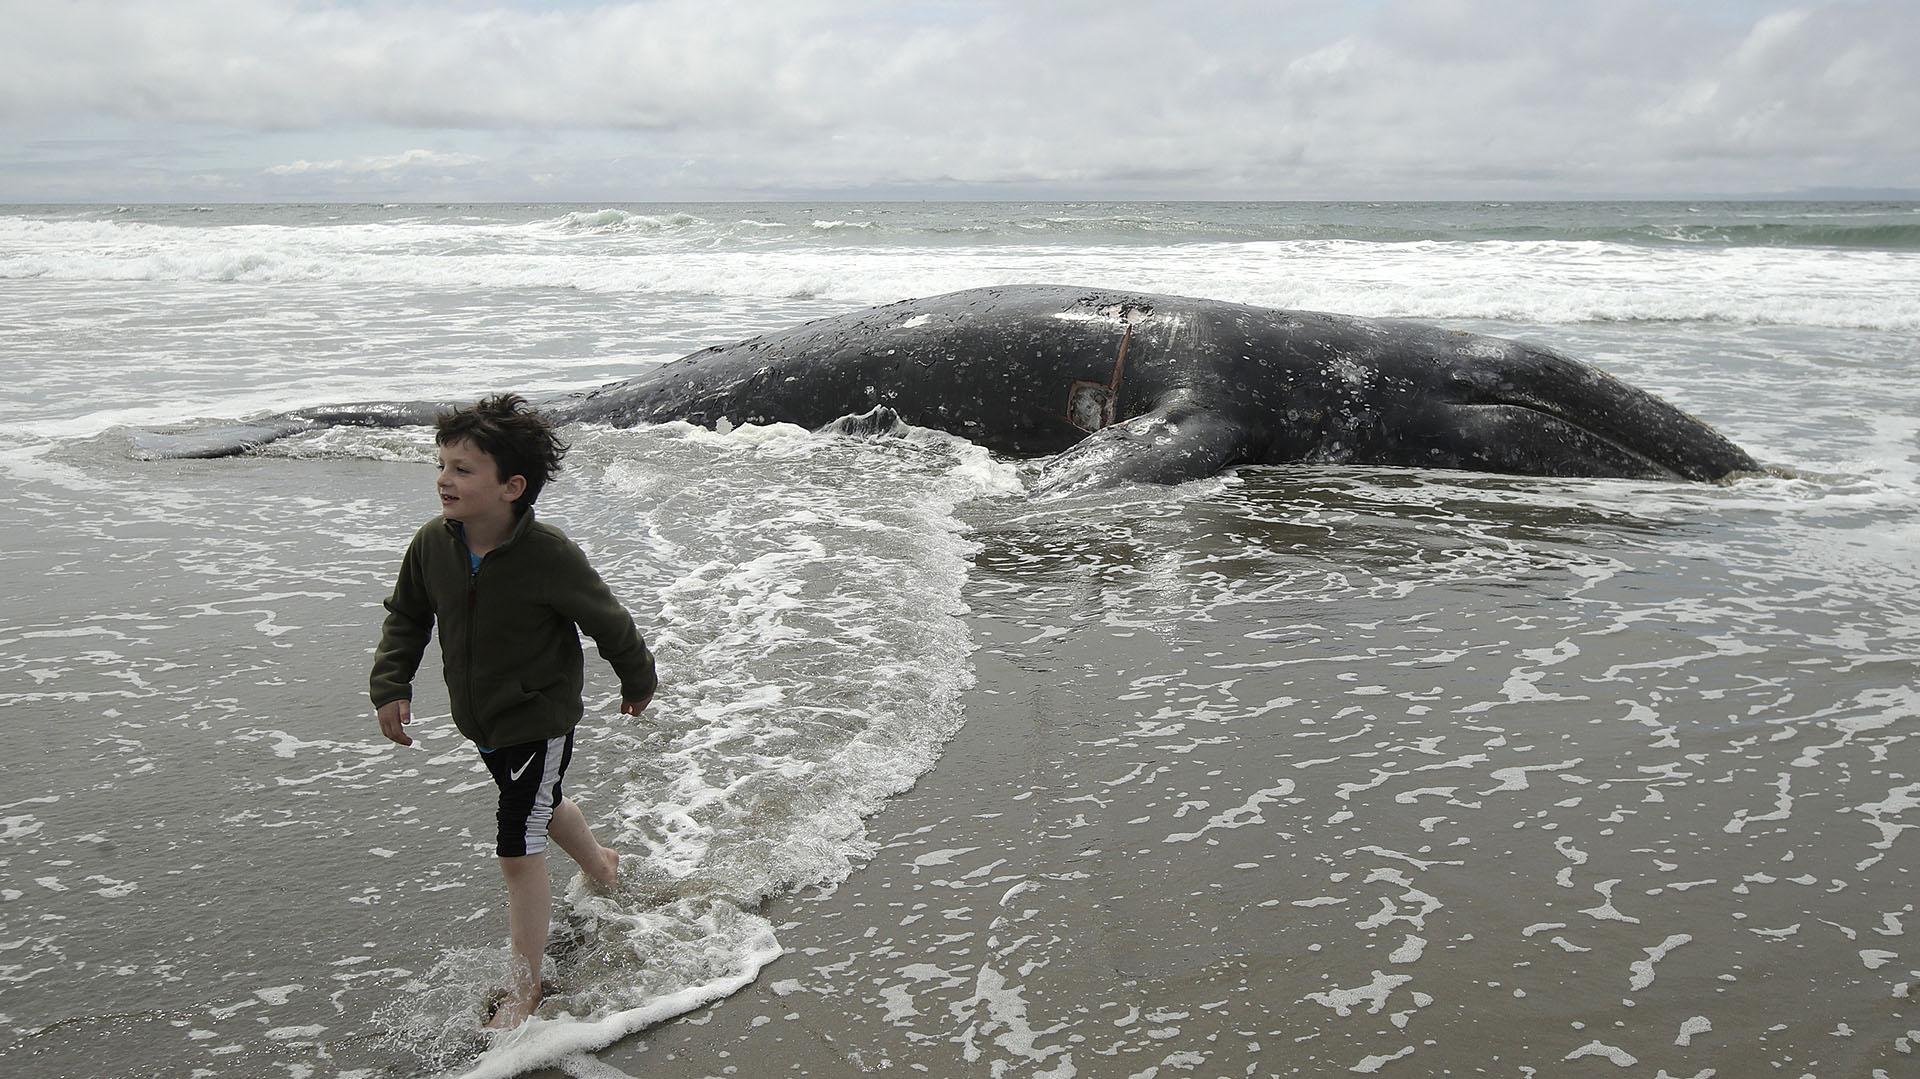 Un niño, Saul Parker, camina en las olas después de ver una ballena muerta en Ocean Beach en San Francisco, el lunes 6 de mayo de 2019. (AP Photo/Jeff Chiu)